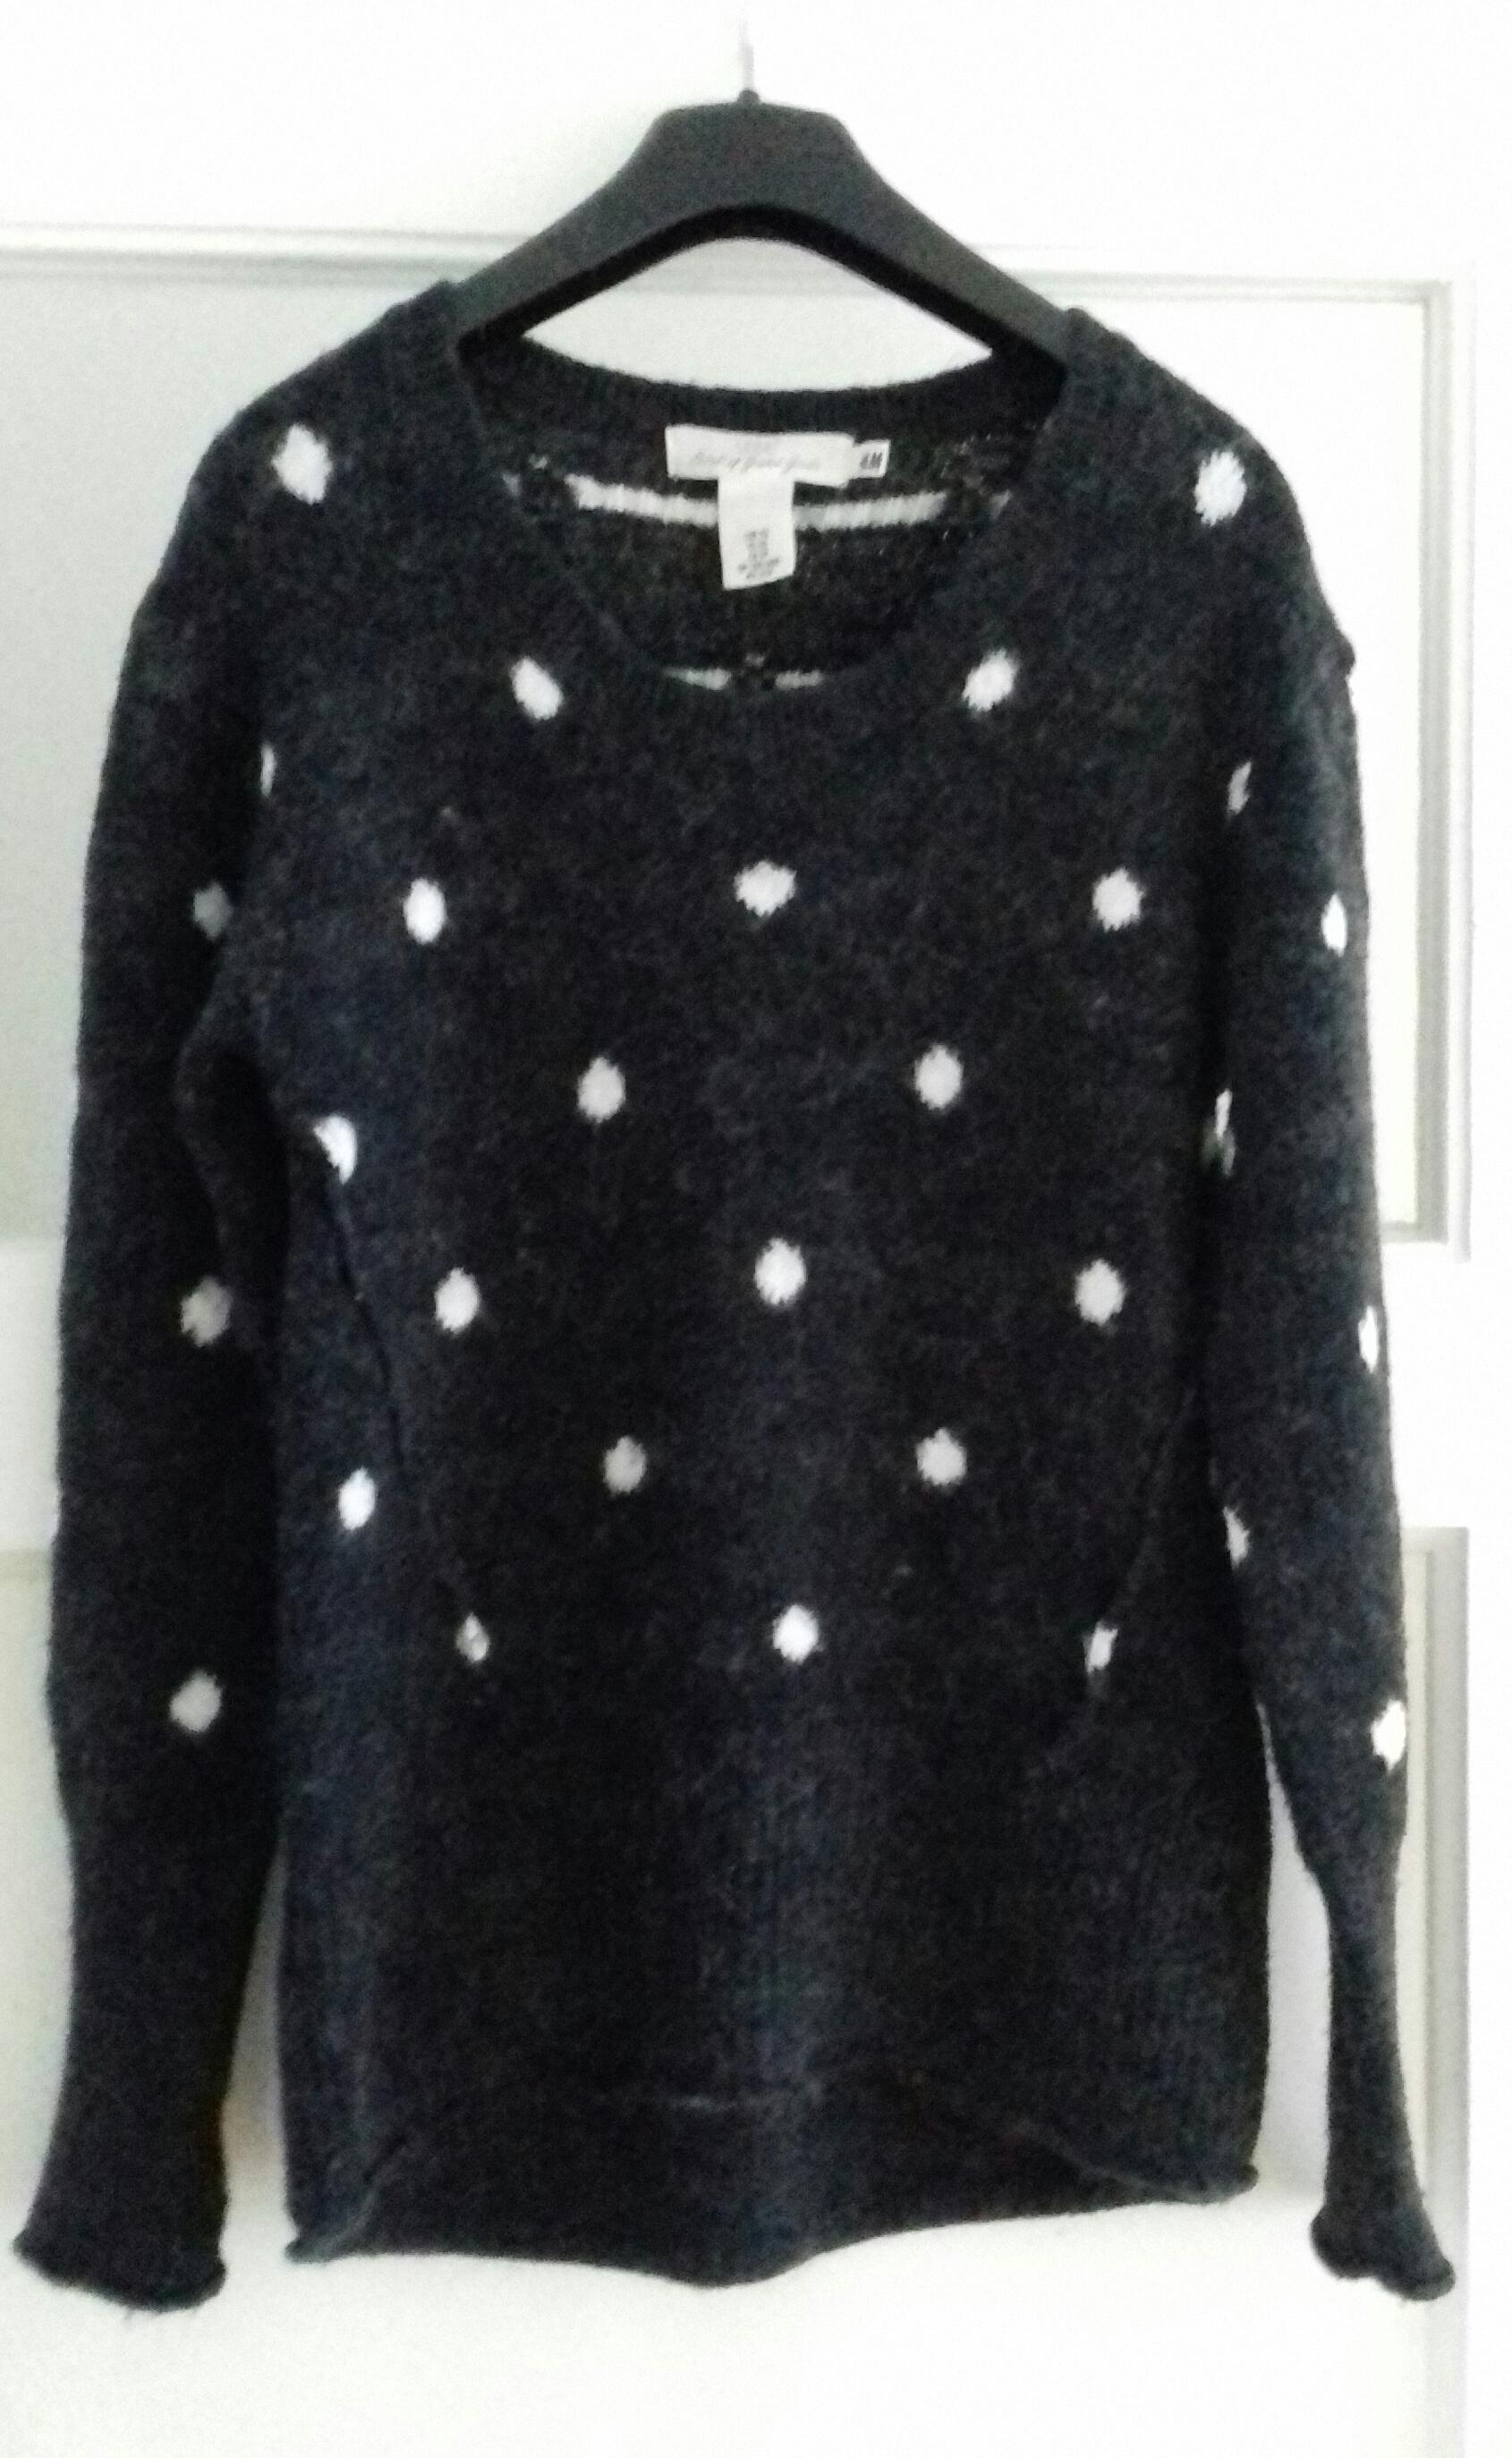 Damen Pullover grau/weiß XS tauschen